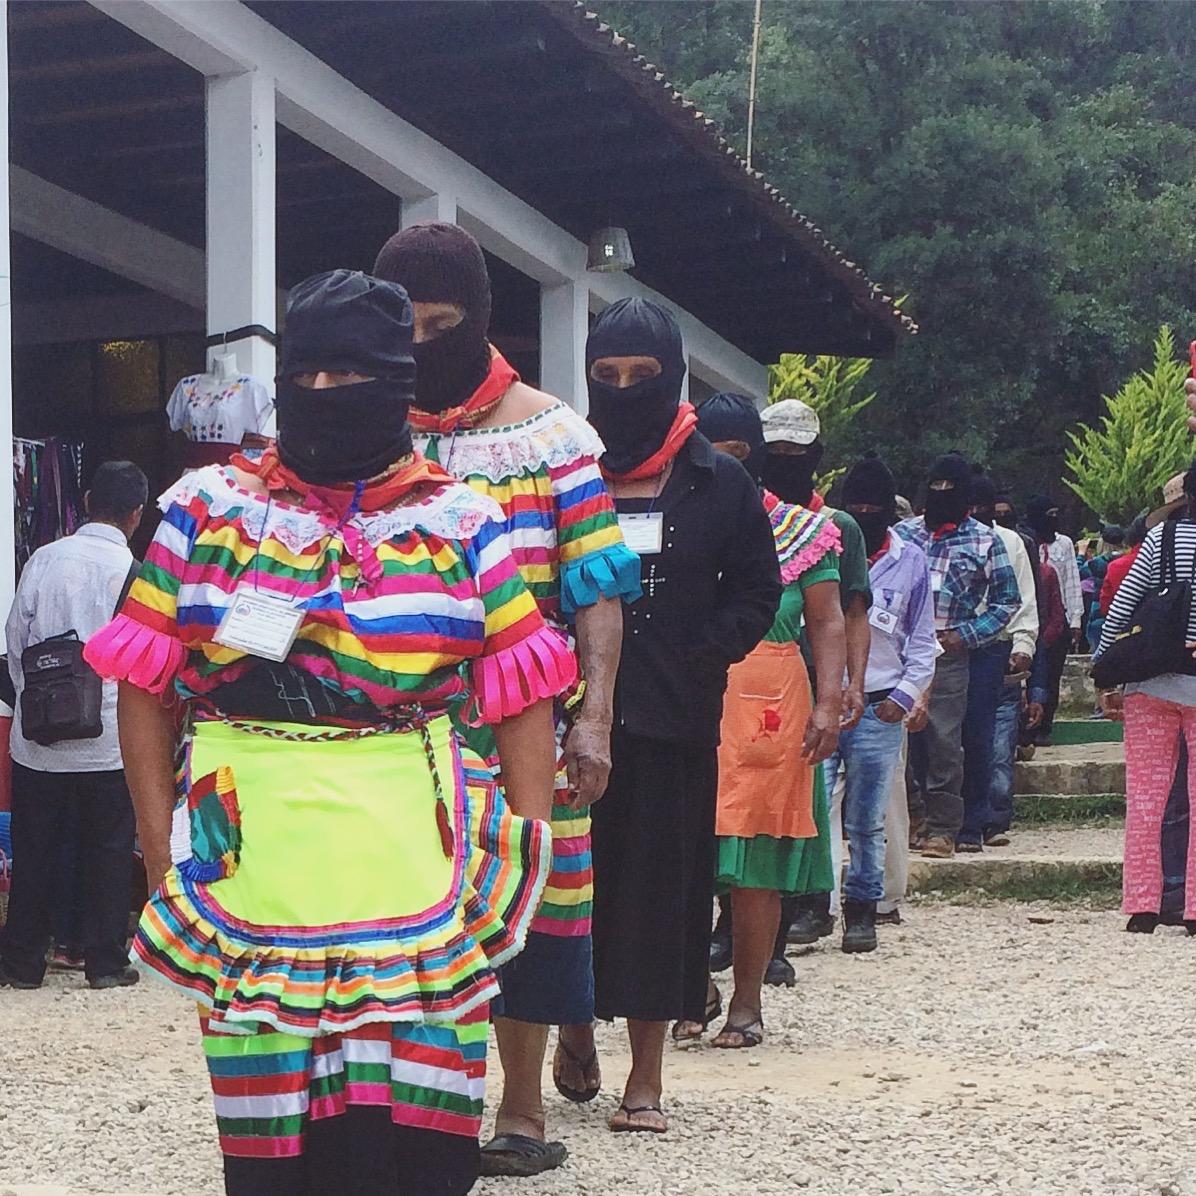 Ya No Eres Tu #2  Ahora Eres Nosotras  Chiapas, Mexico  2017  Rebel Betty Arte